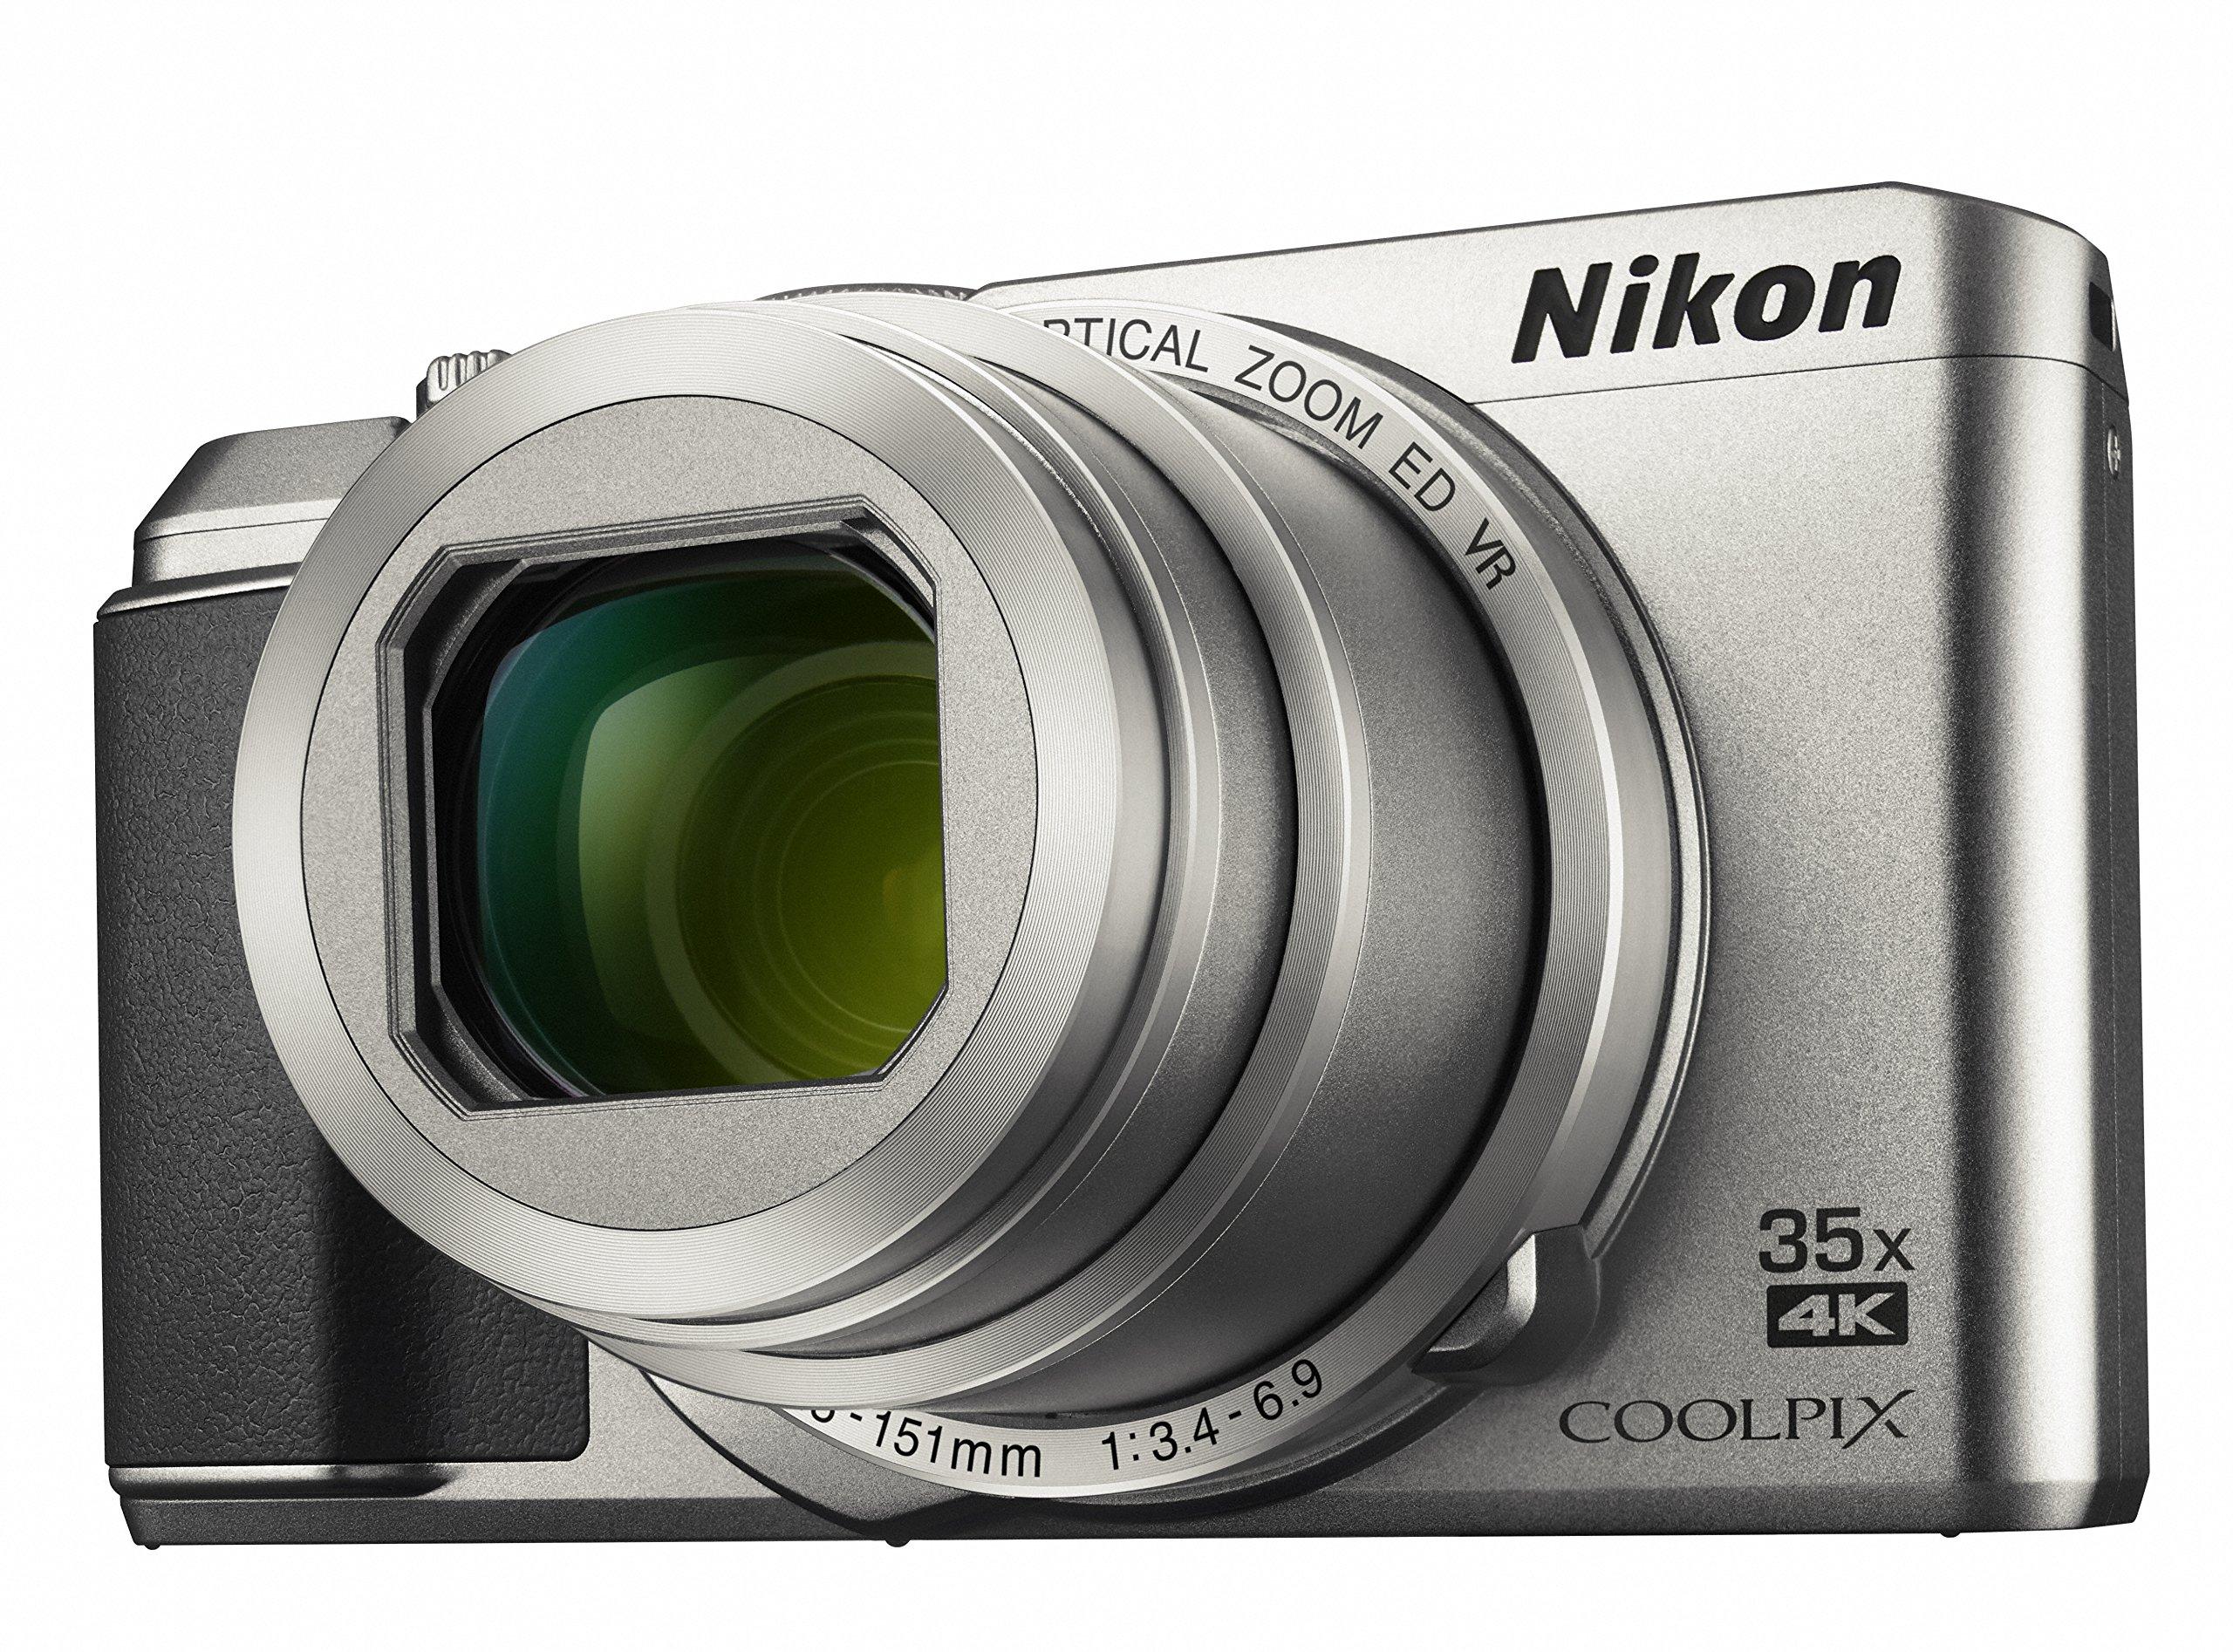 Nikon デジタルカメラ COOLPIX A900 光学35倍ズーム 2029万画素